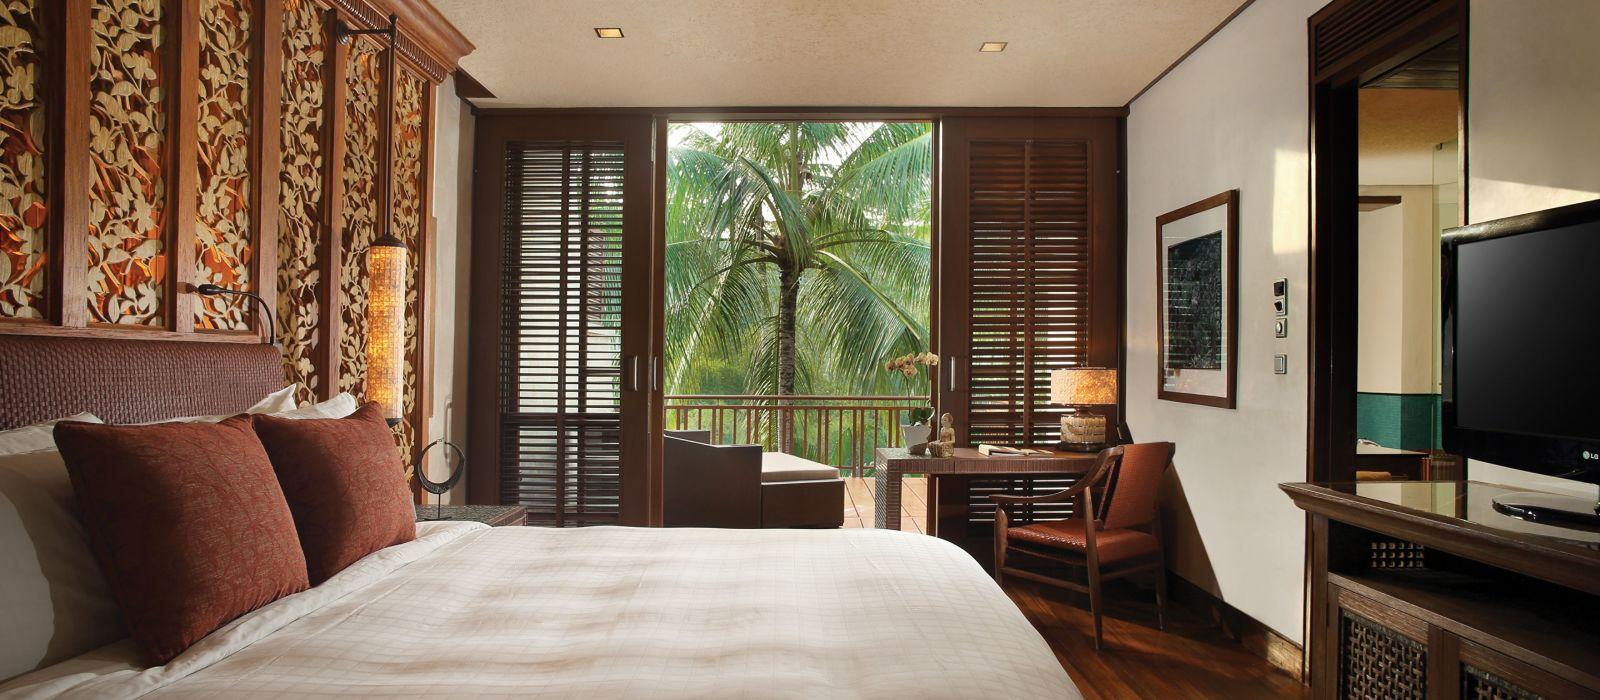 Hotel Four Seasons Resort Bali at Sayan Indonesia